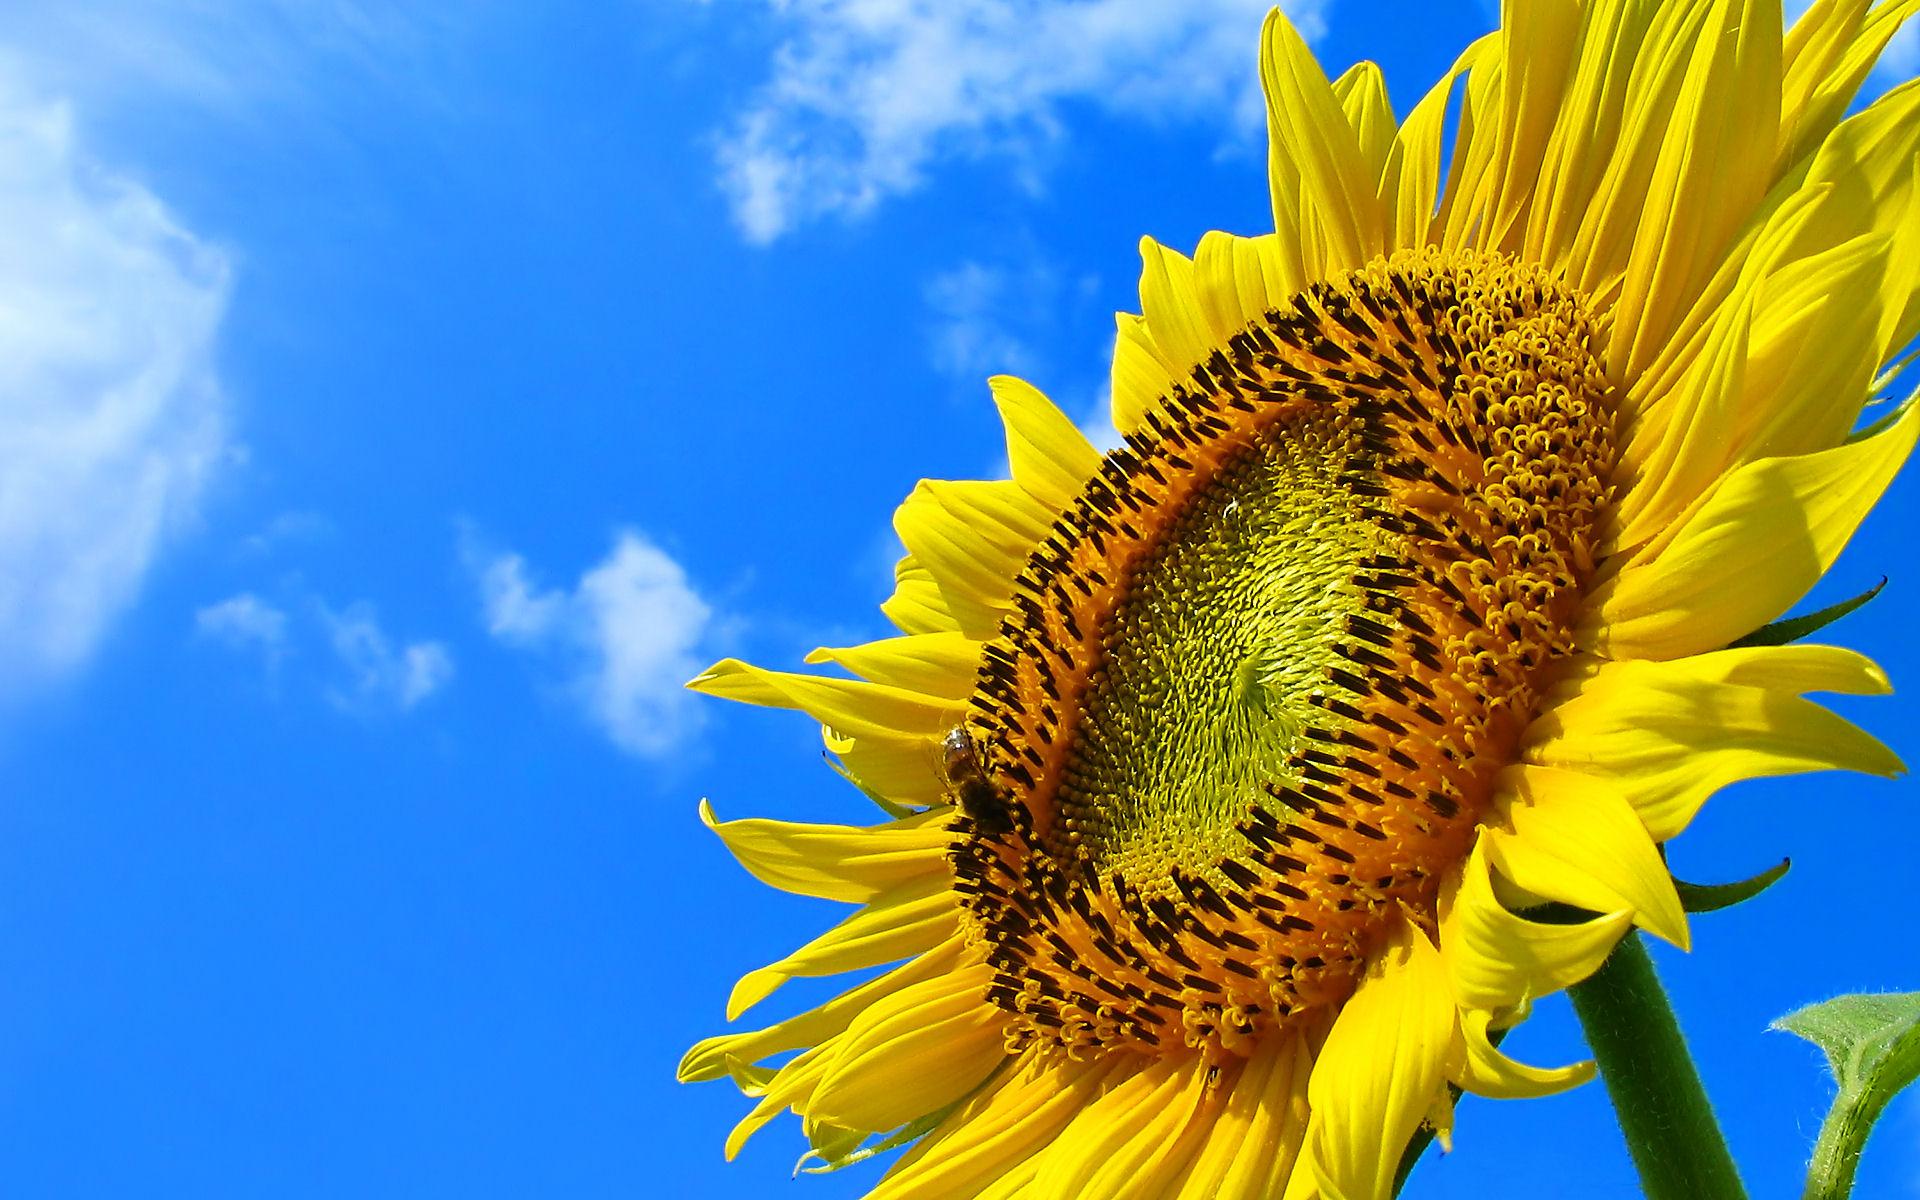 フルhdデスクトップ無料壁紙 ひまわり畑 ひまわりの花 壁紙写真 四季の彩り壁紙写真集